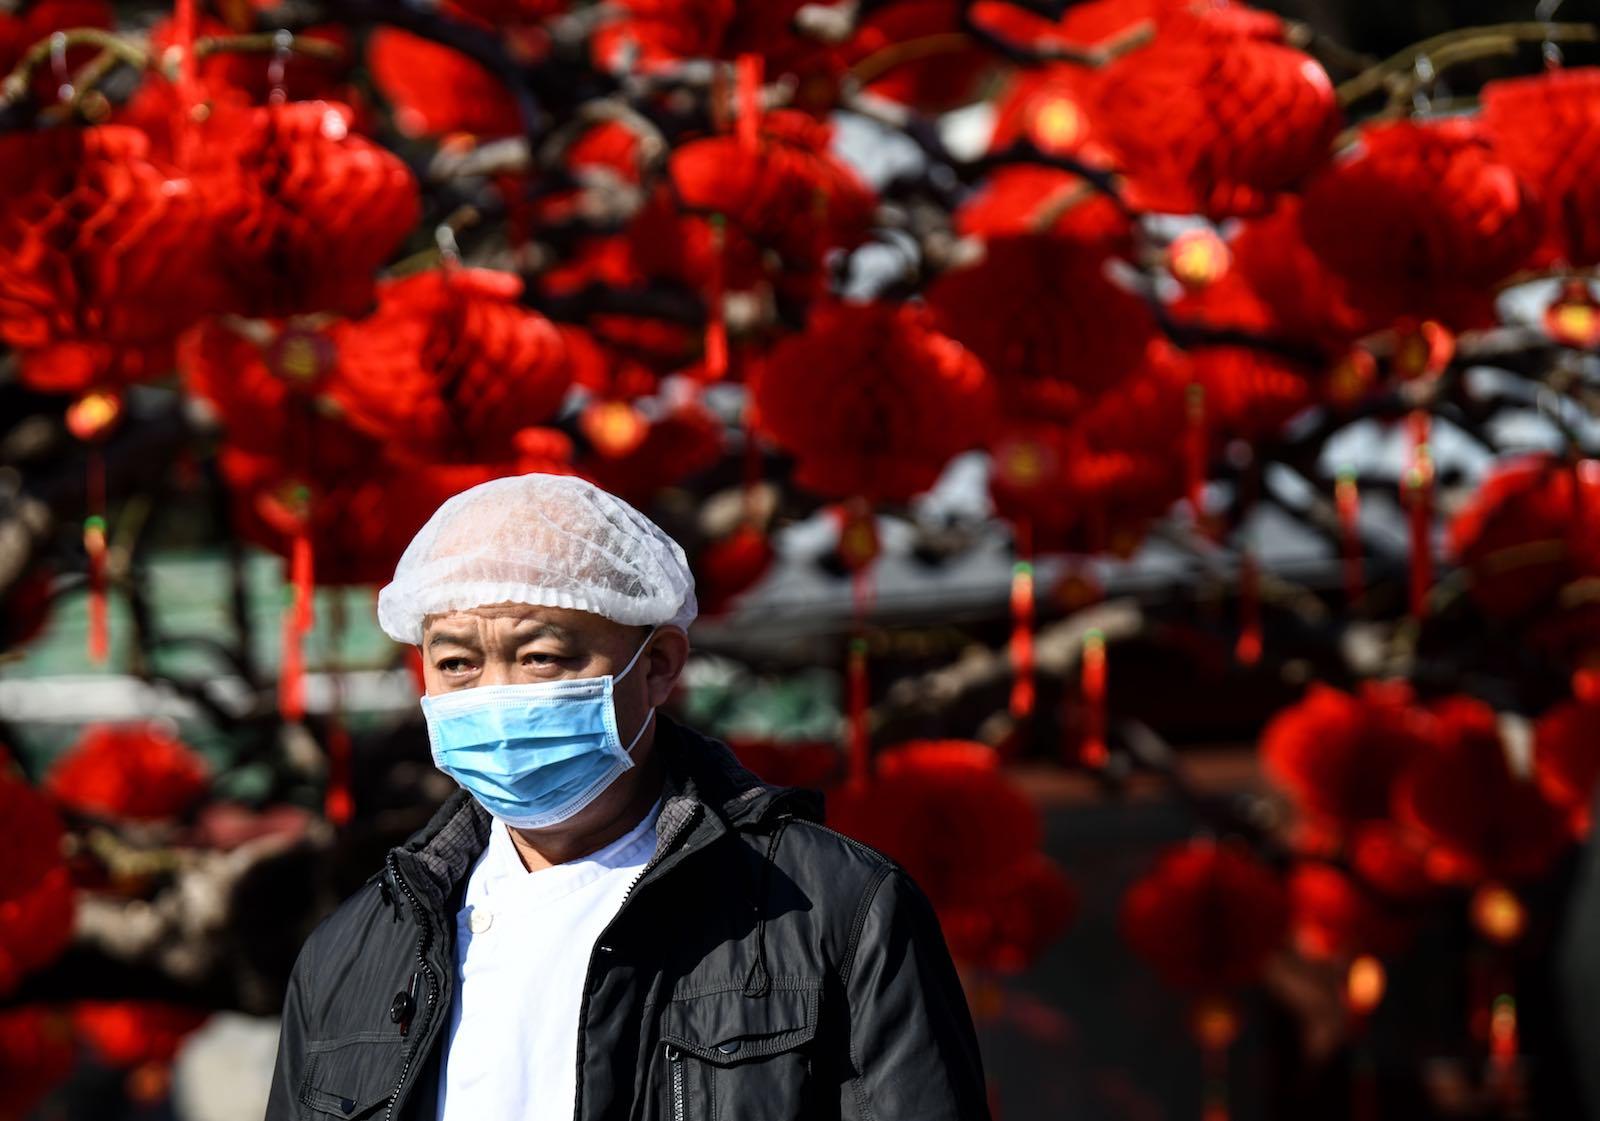 """Candide spécule : """"Supposons que les autorités chinoises aient caché 90 % des décès. Dans cette hypothèse improbable, le nombre de morts serait de 43 000, soit dix fois moins qu'en France, rapporté au million d'habitants. (Source : Lowy Institute)"""